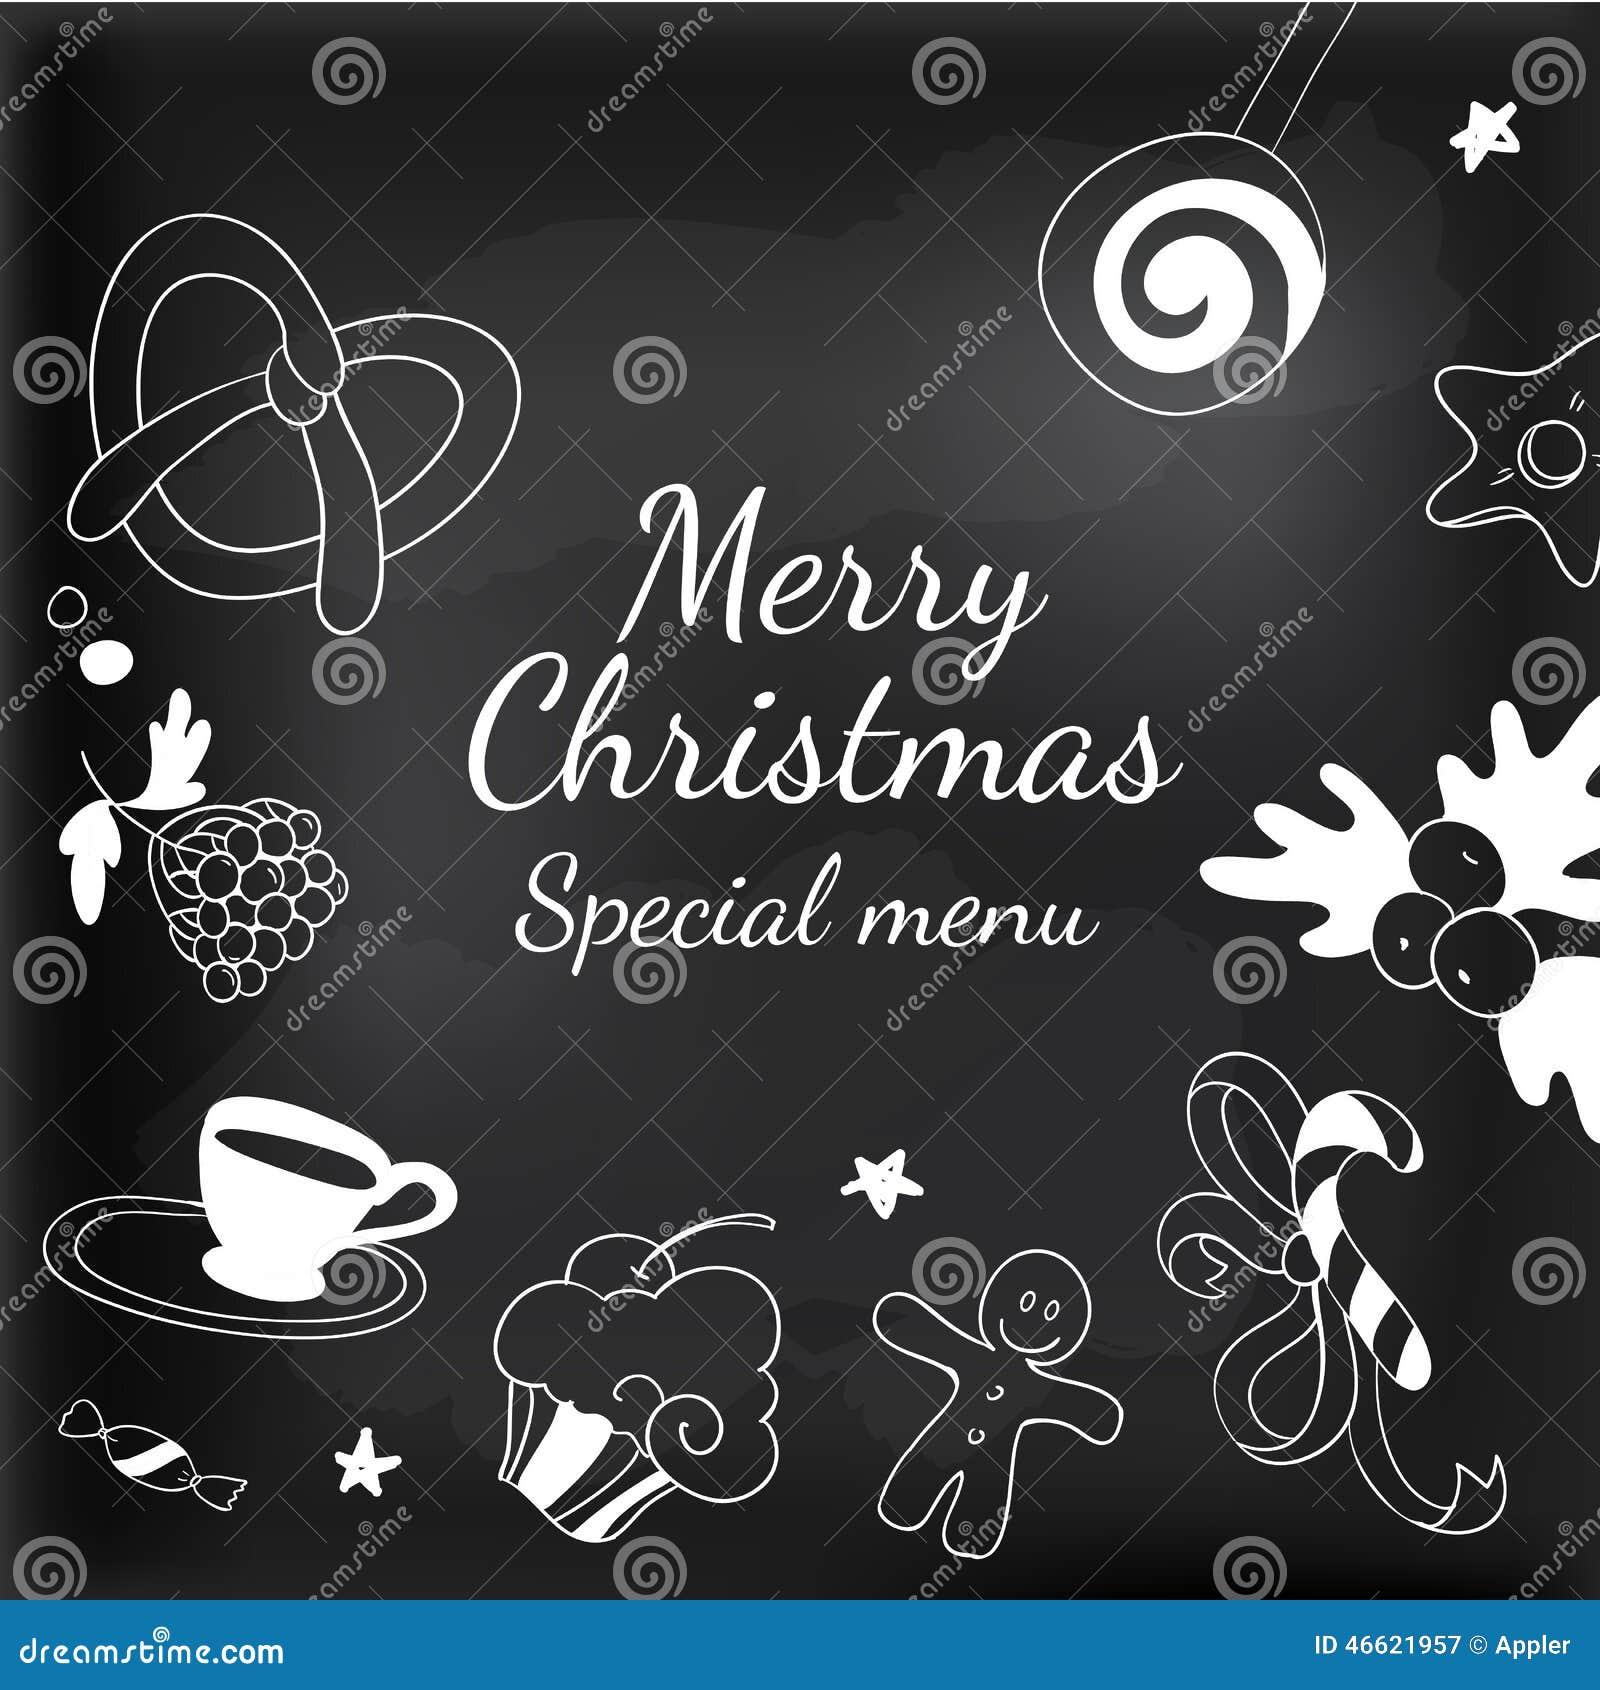 Dessin De Menu Pour Noel.Cadre D Elements De Dessin Pour Le Tableau Noir De Noel